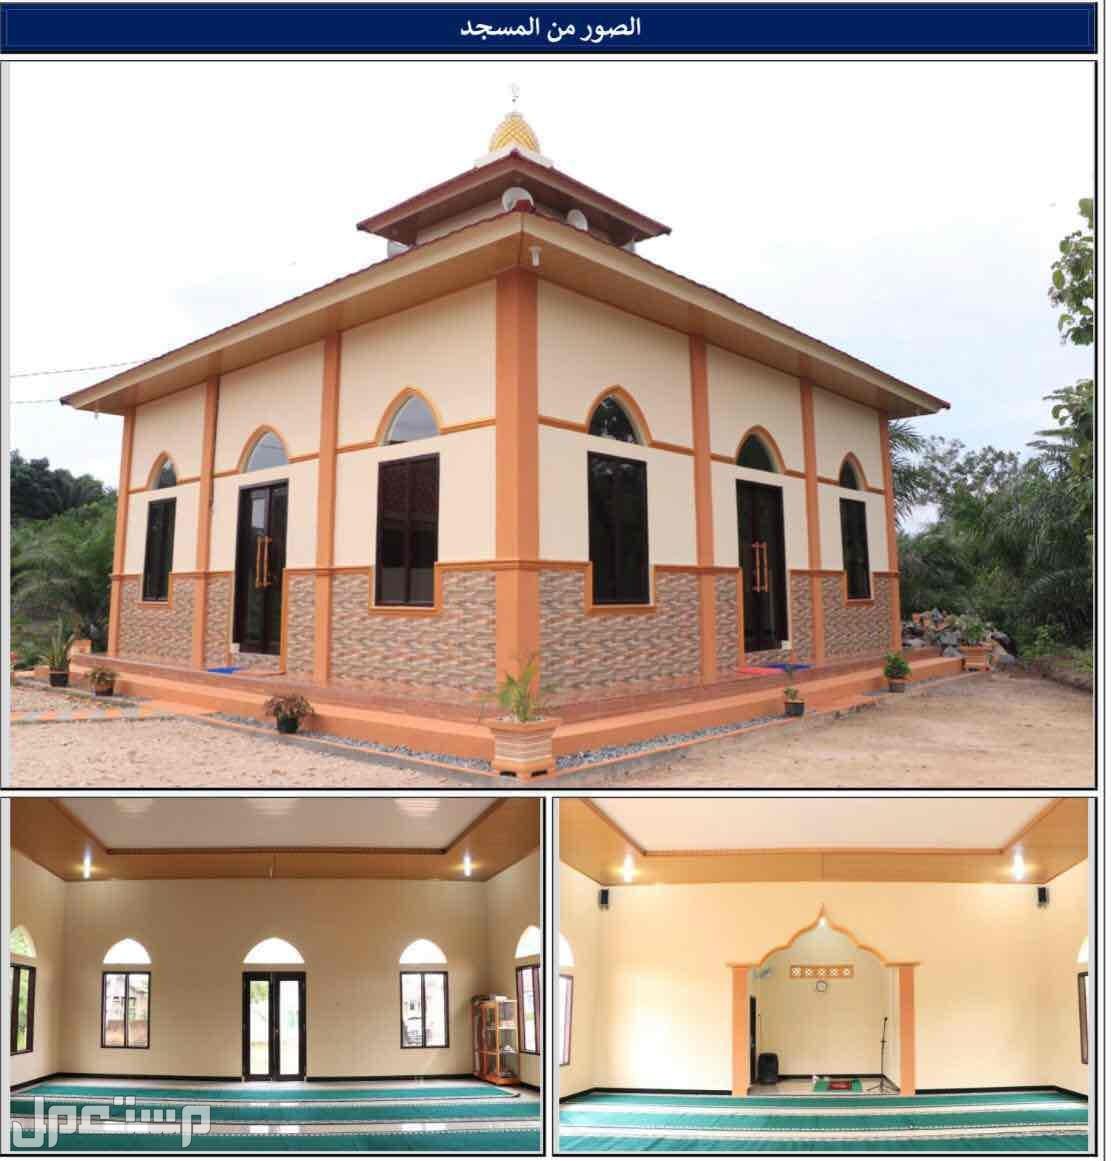 بناء مساجد بأقل الأسعار وبجودة عالية